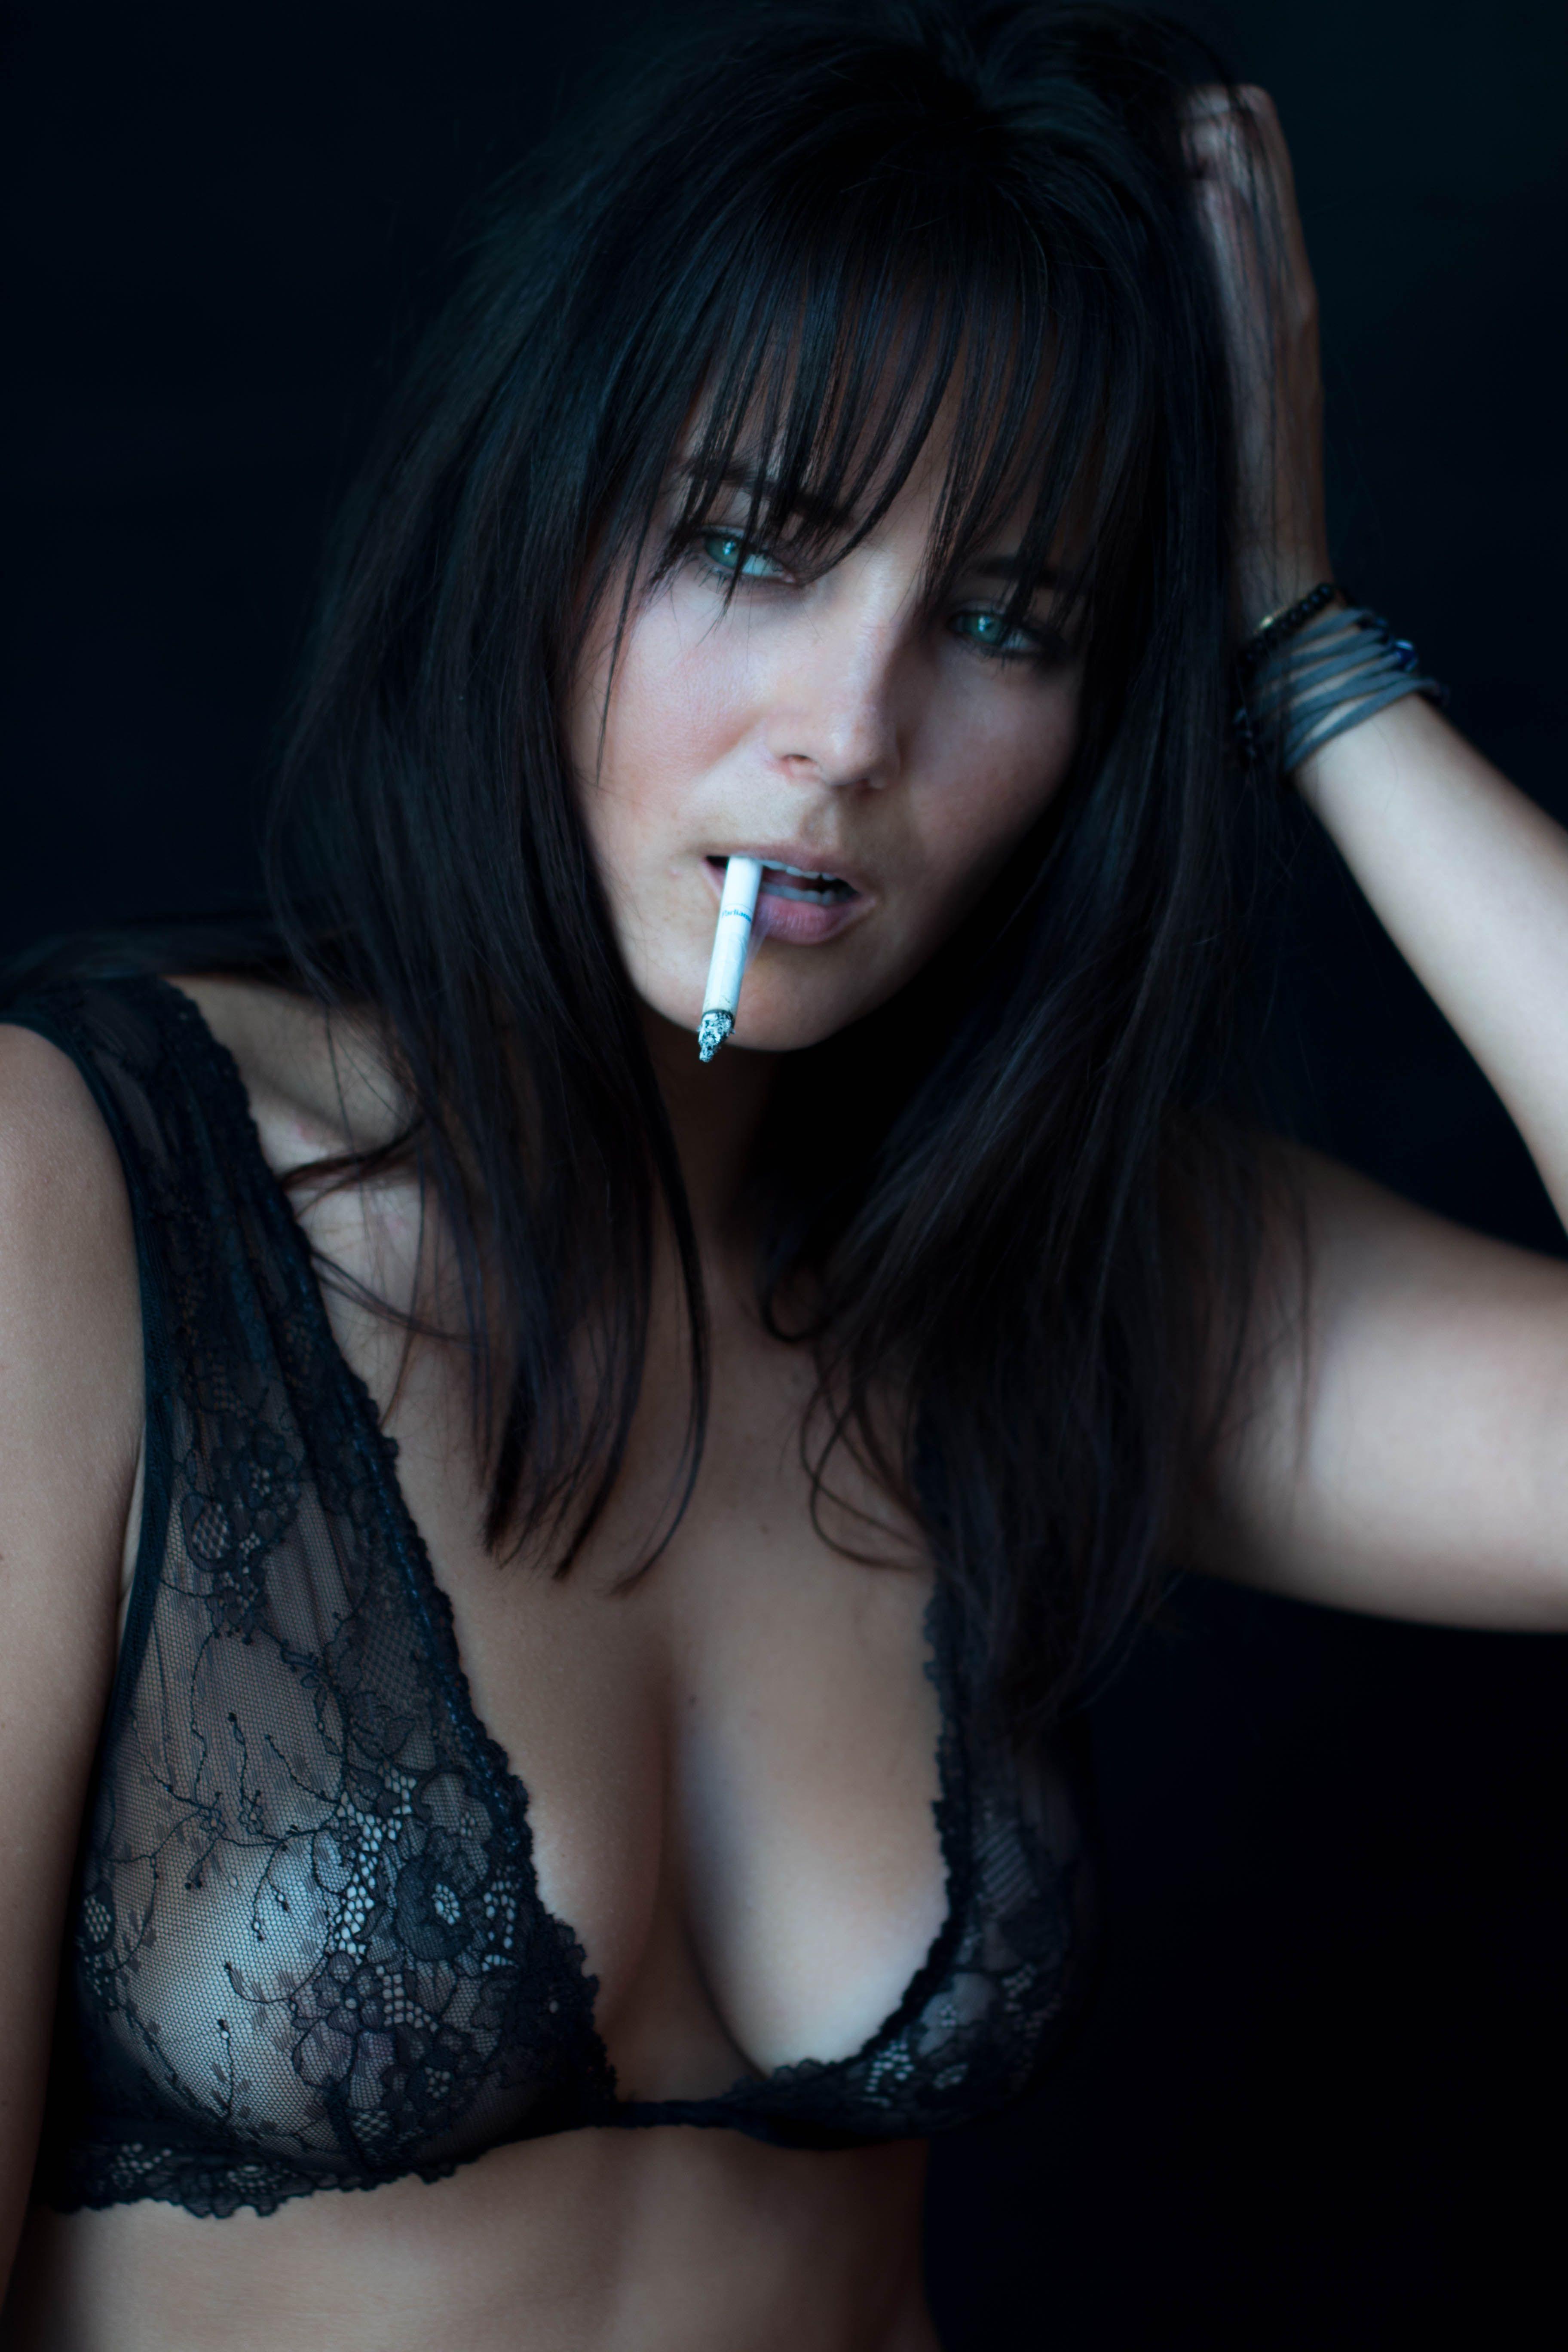 Big breasted girls smoking